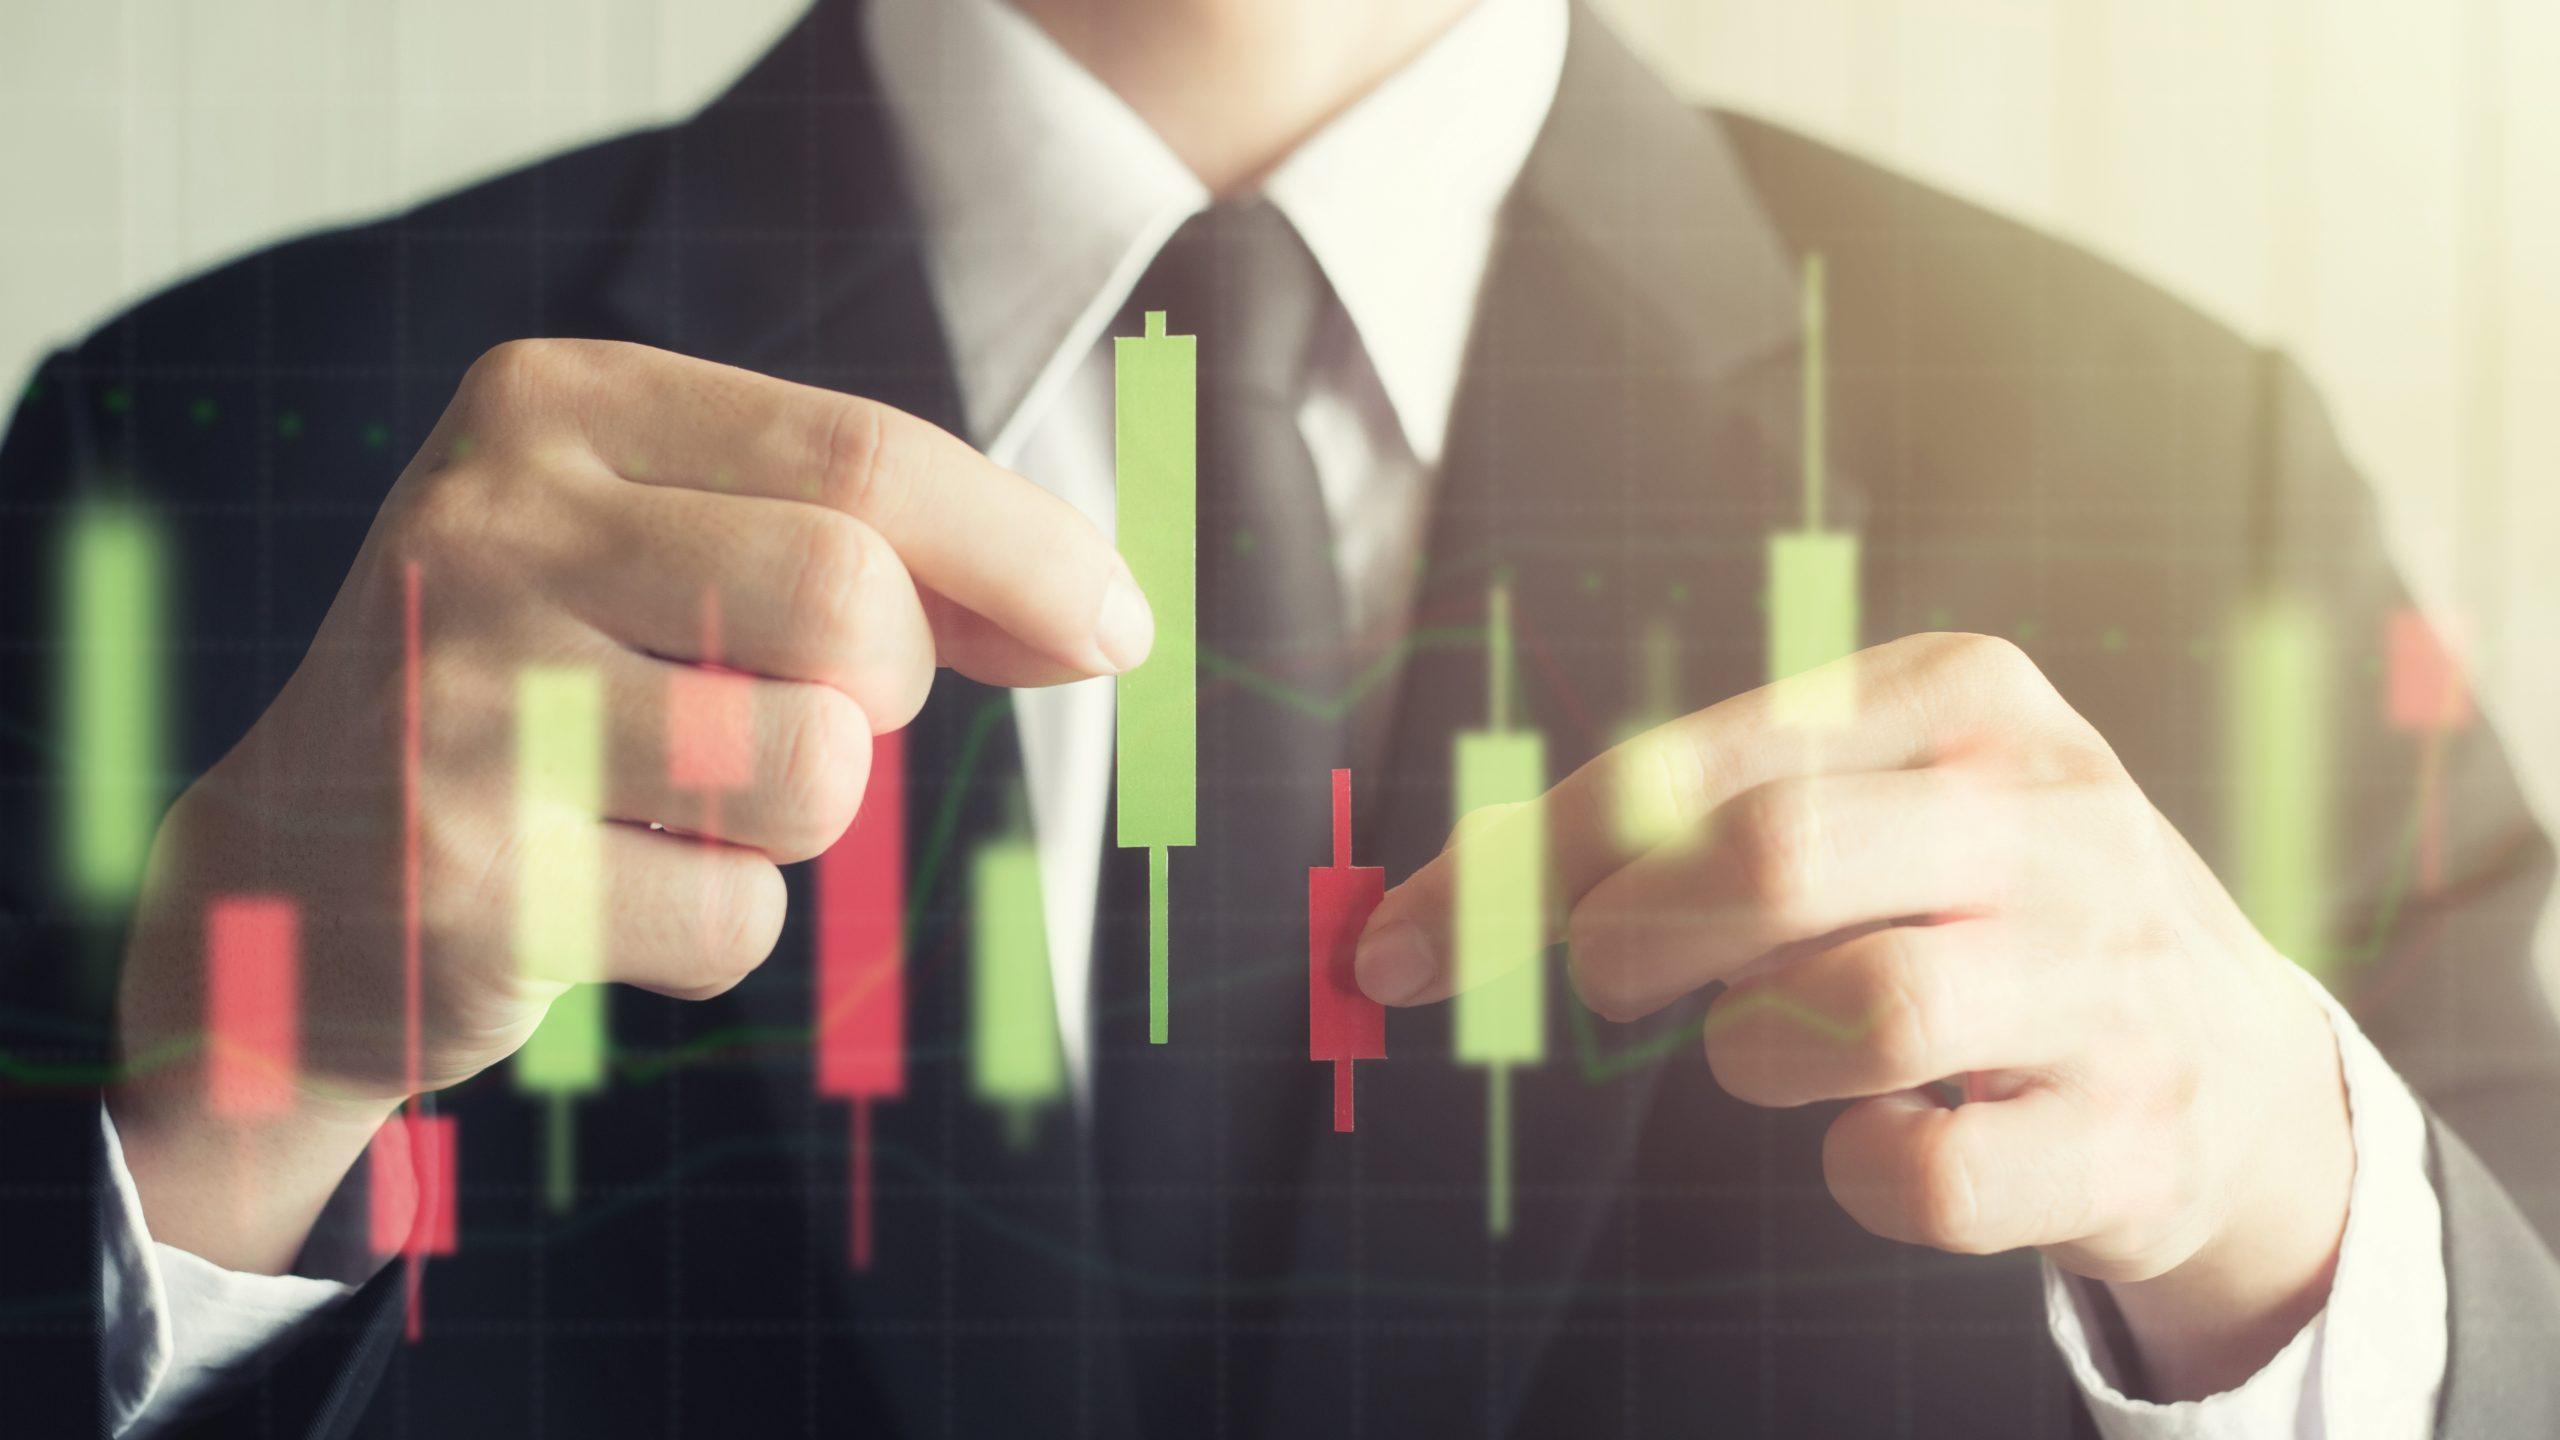 bitcoin btc fiyat analizi yukselis devam edecek mi onemli seviyeler neler